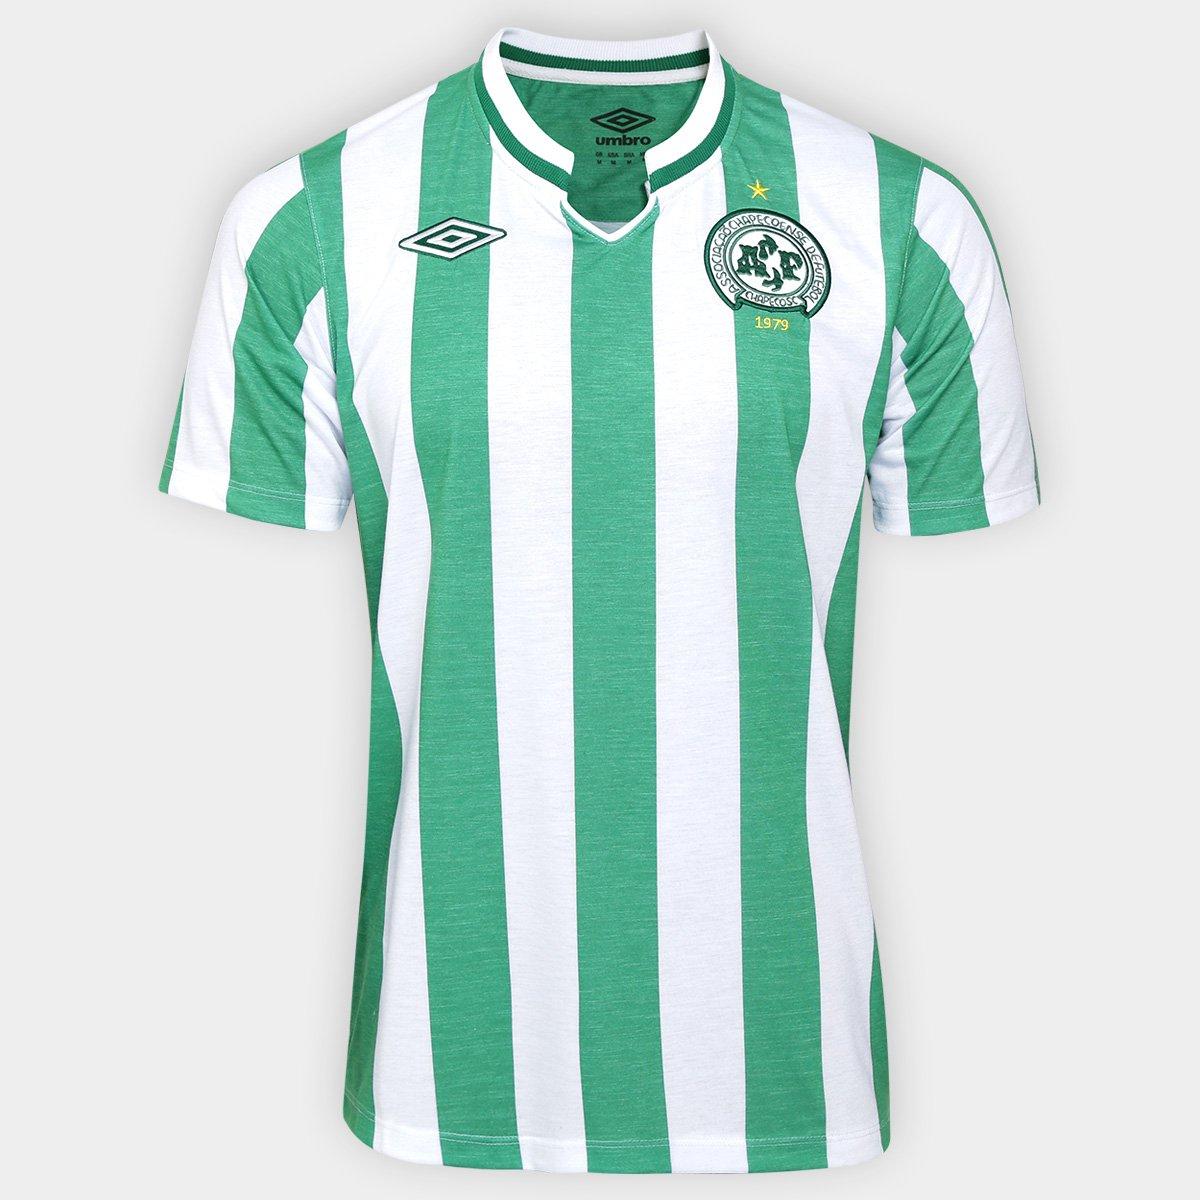 99c3d4f3f6 Camisa Umbro Chapecoense 1979 - Compre Agora